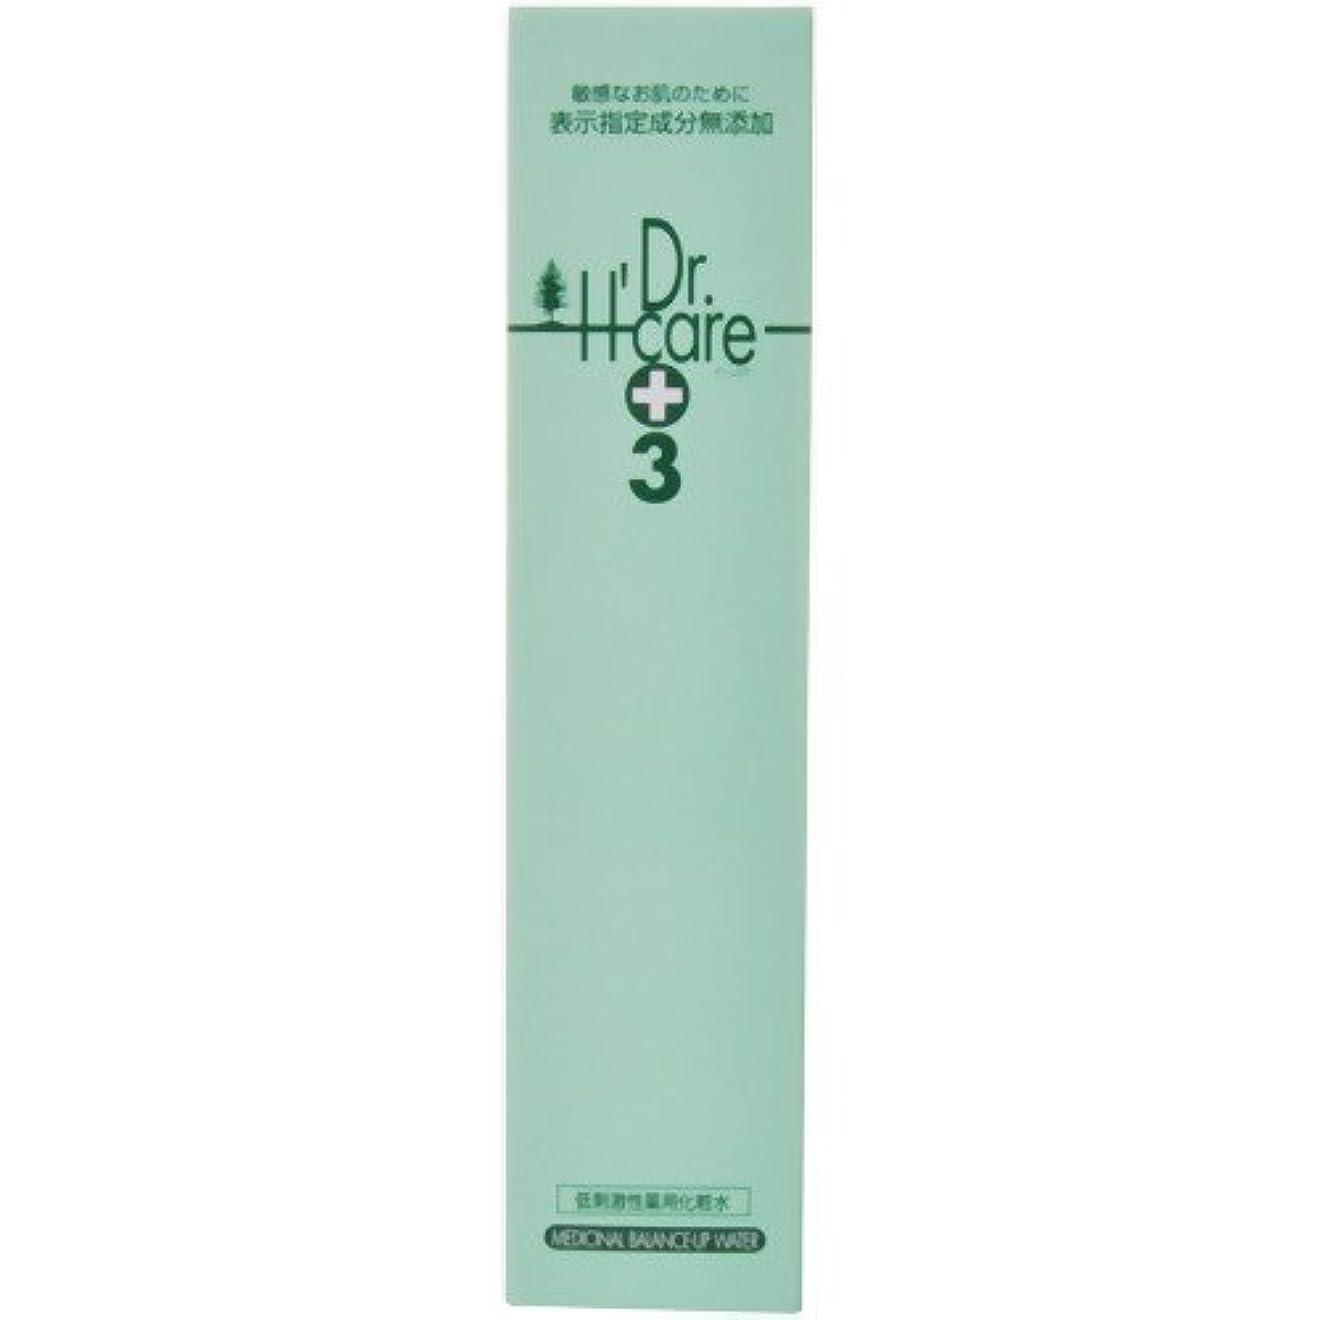 やりすぎ蒸留州アシュケア 薬用 バランスアップウォーター (低刺激性化粧水) 120ml